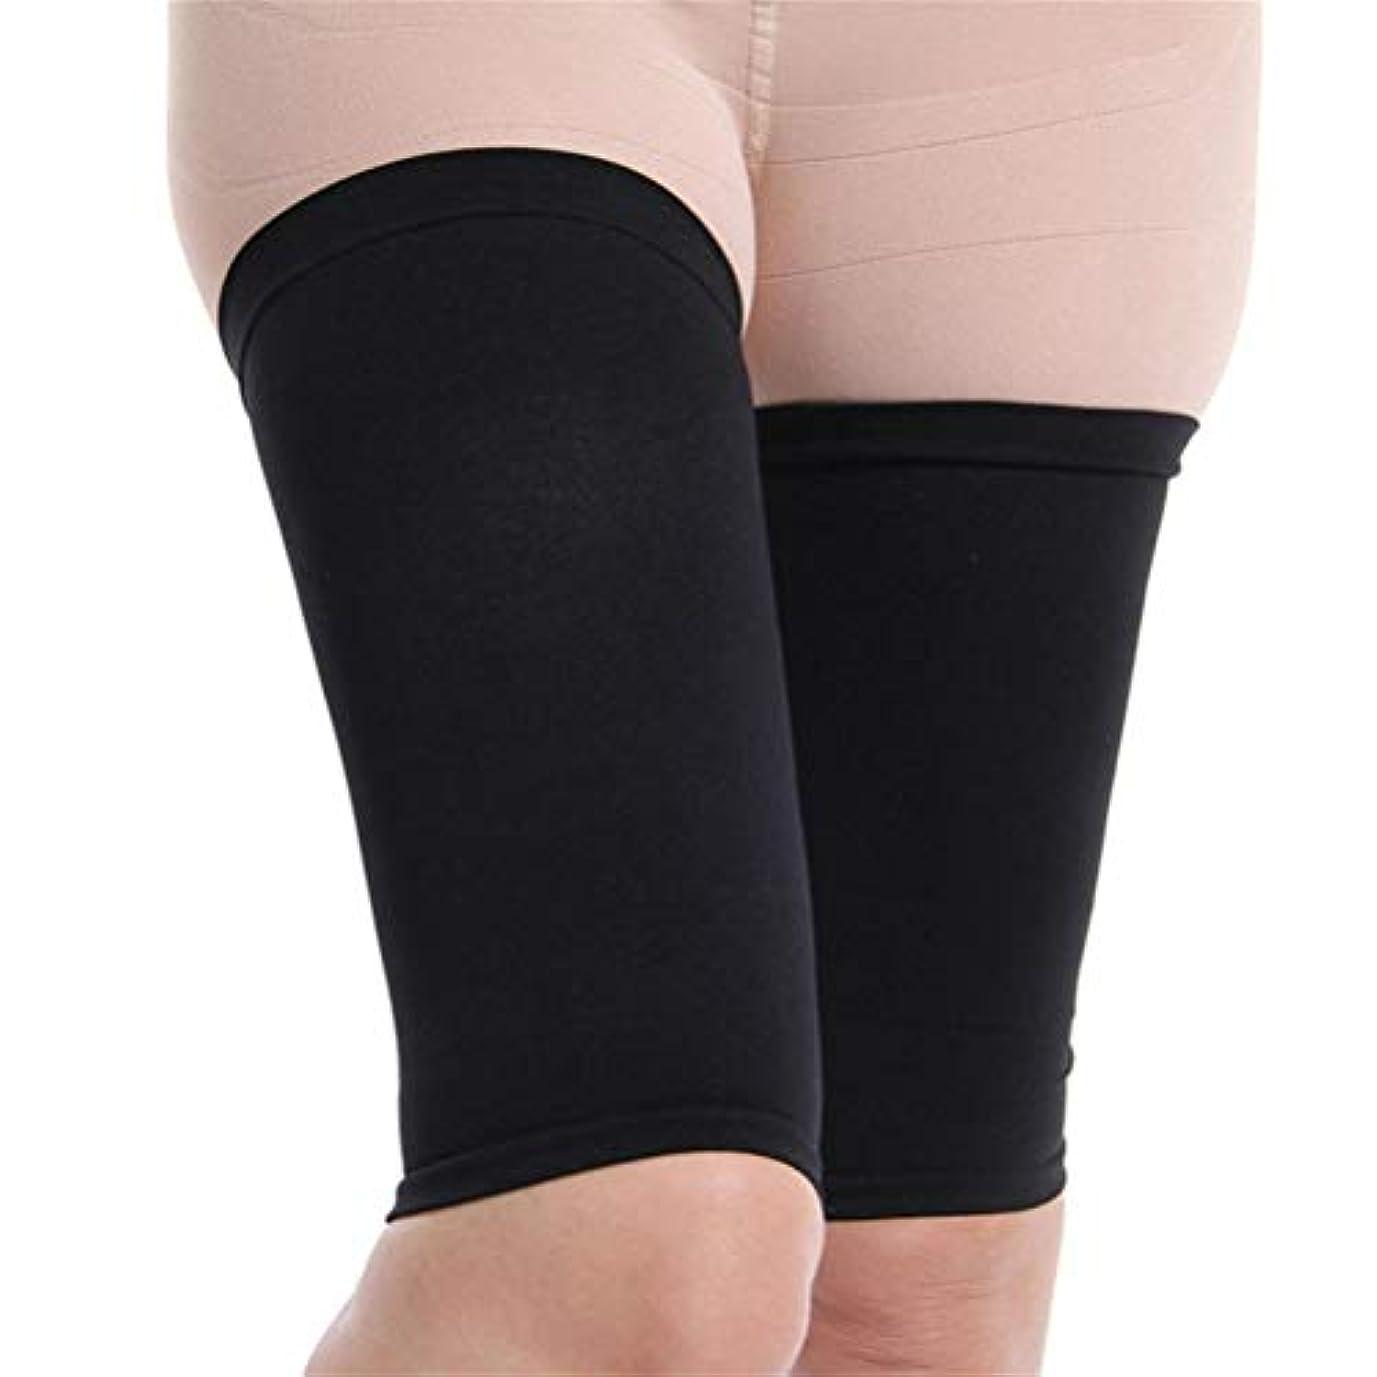 飼い慣らすインストール学部Flybloom太ももサポートスリーブ1ペア弾性圧縮Slim身太もも脚シェイパースリーブ静脈瘤サポートソックス、黒